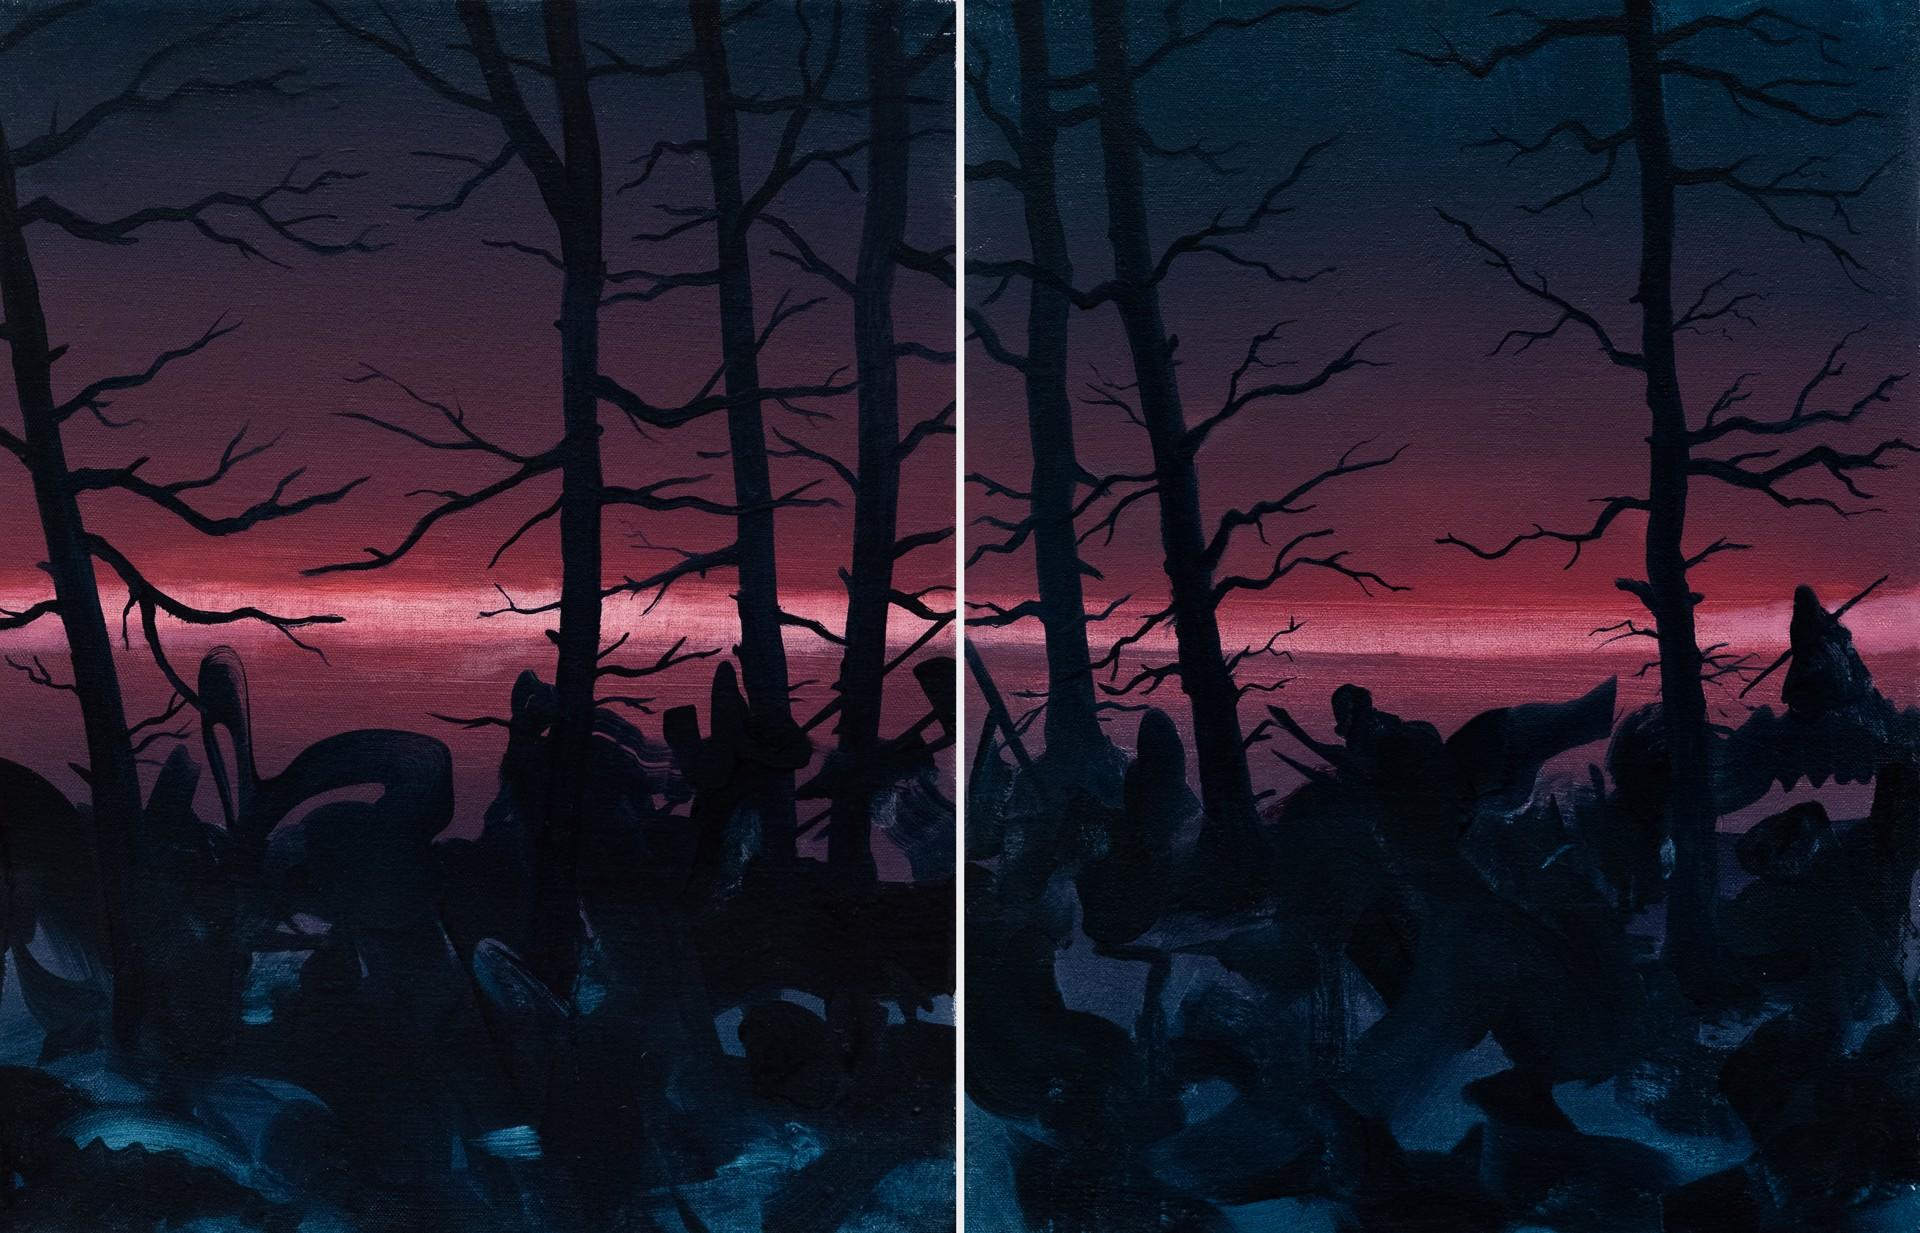 The Silencers (Diptych) by Fabricio Suarez